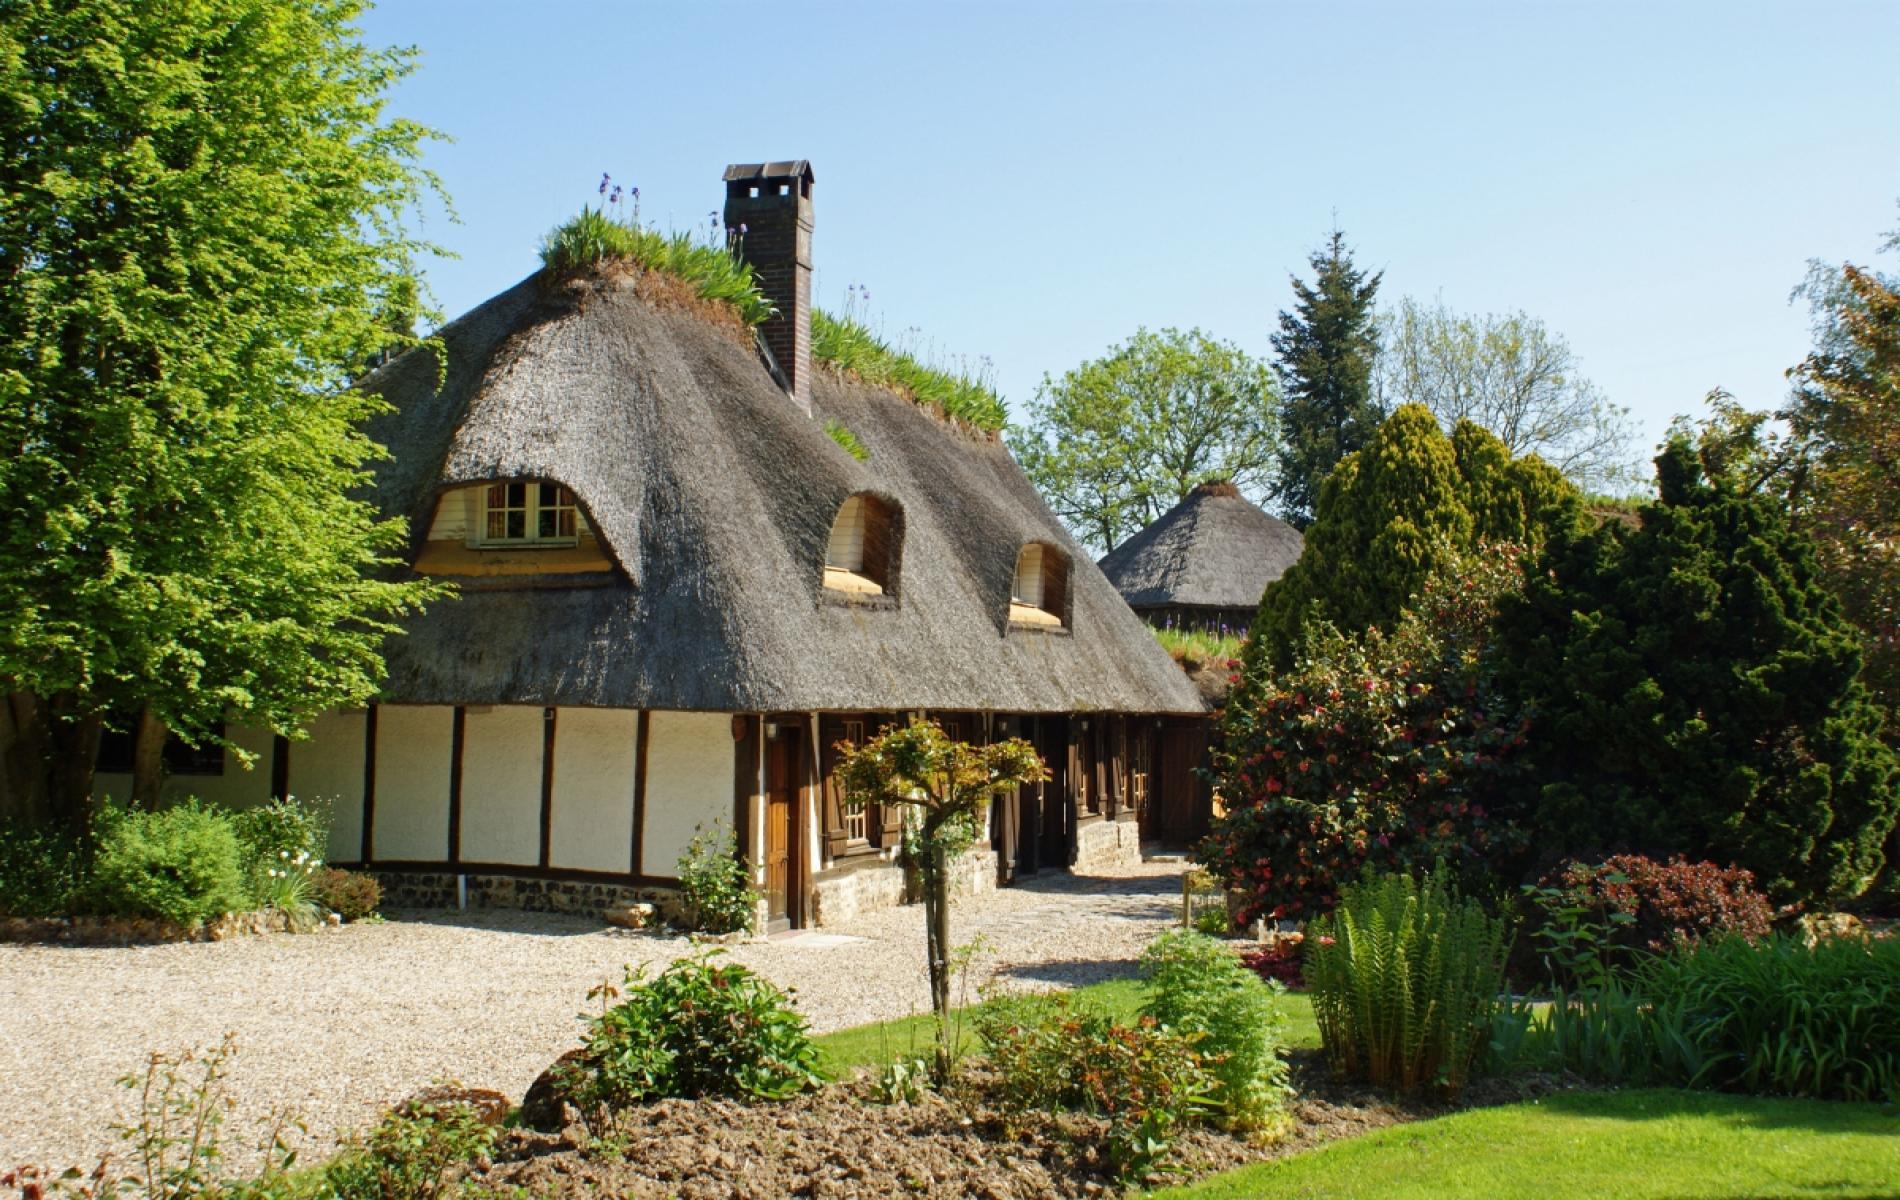 Hôtel restaurant à Pont-Audemer près de Deauville et Honfleur en Normandie